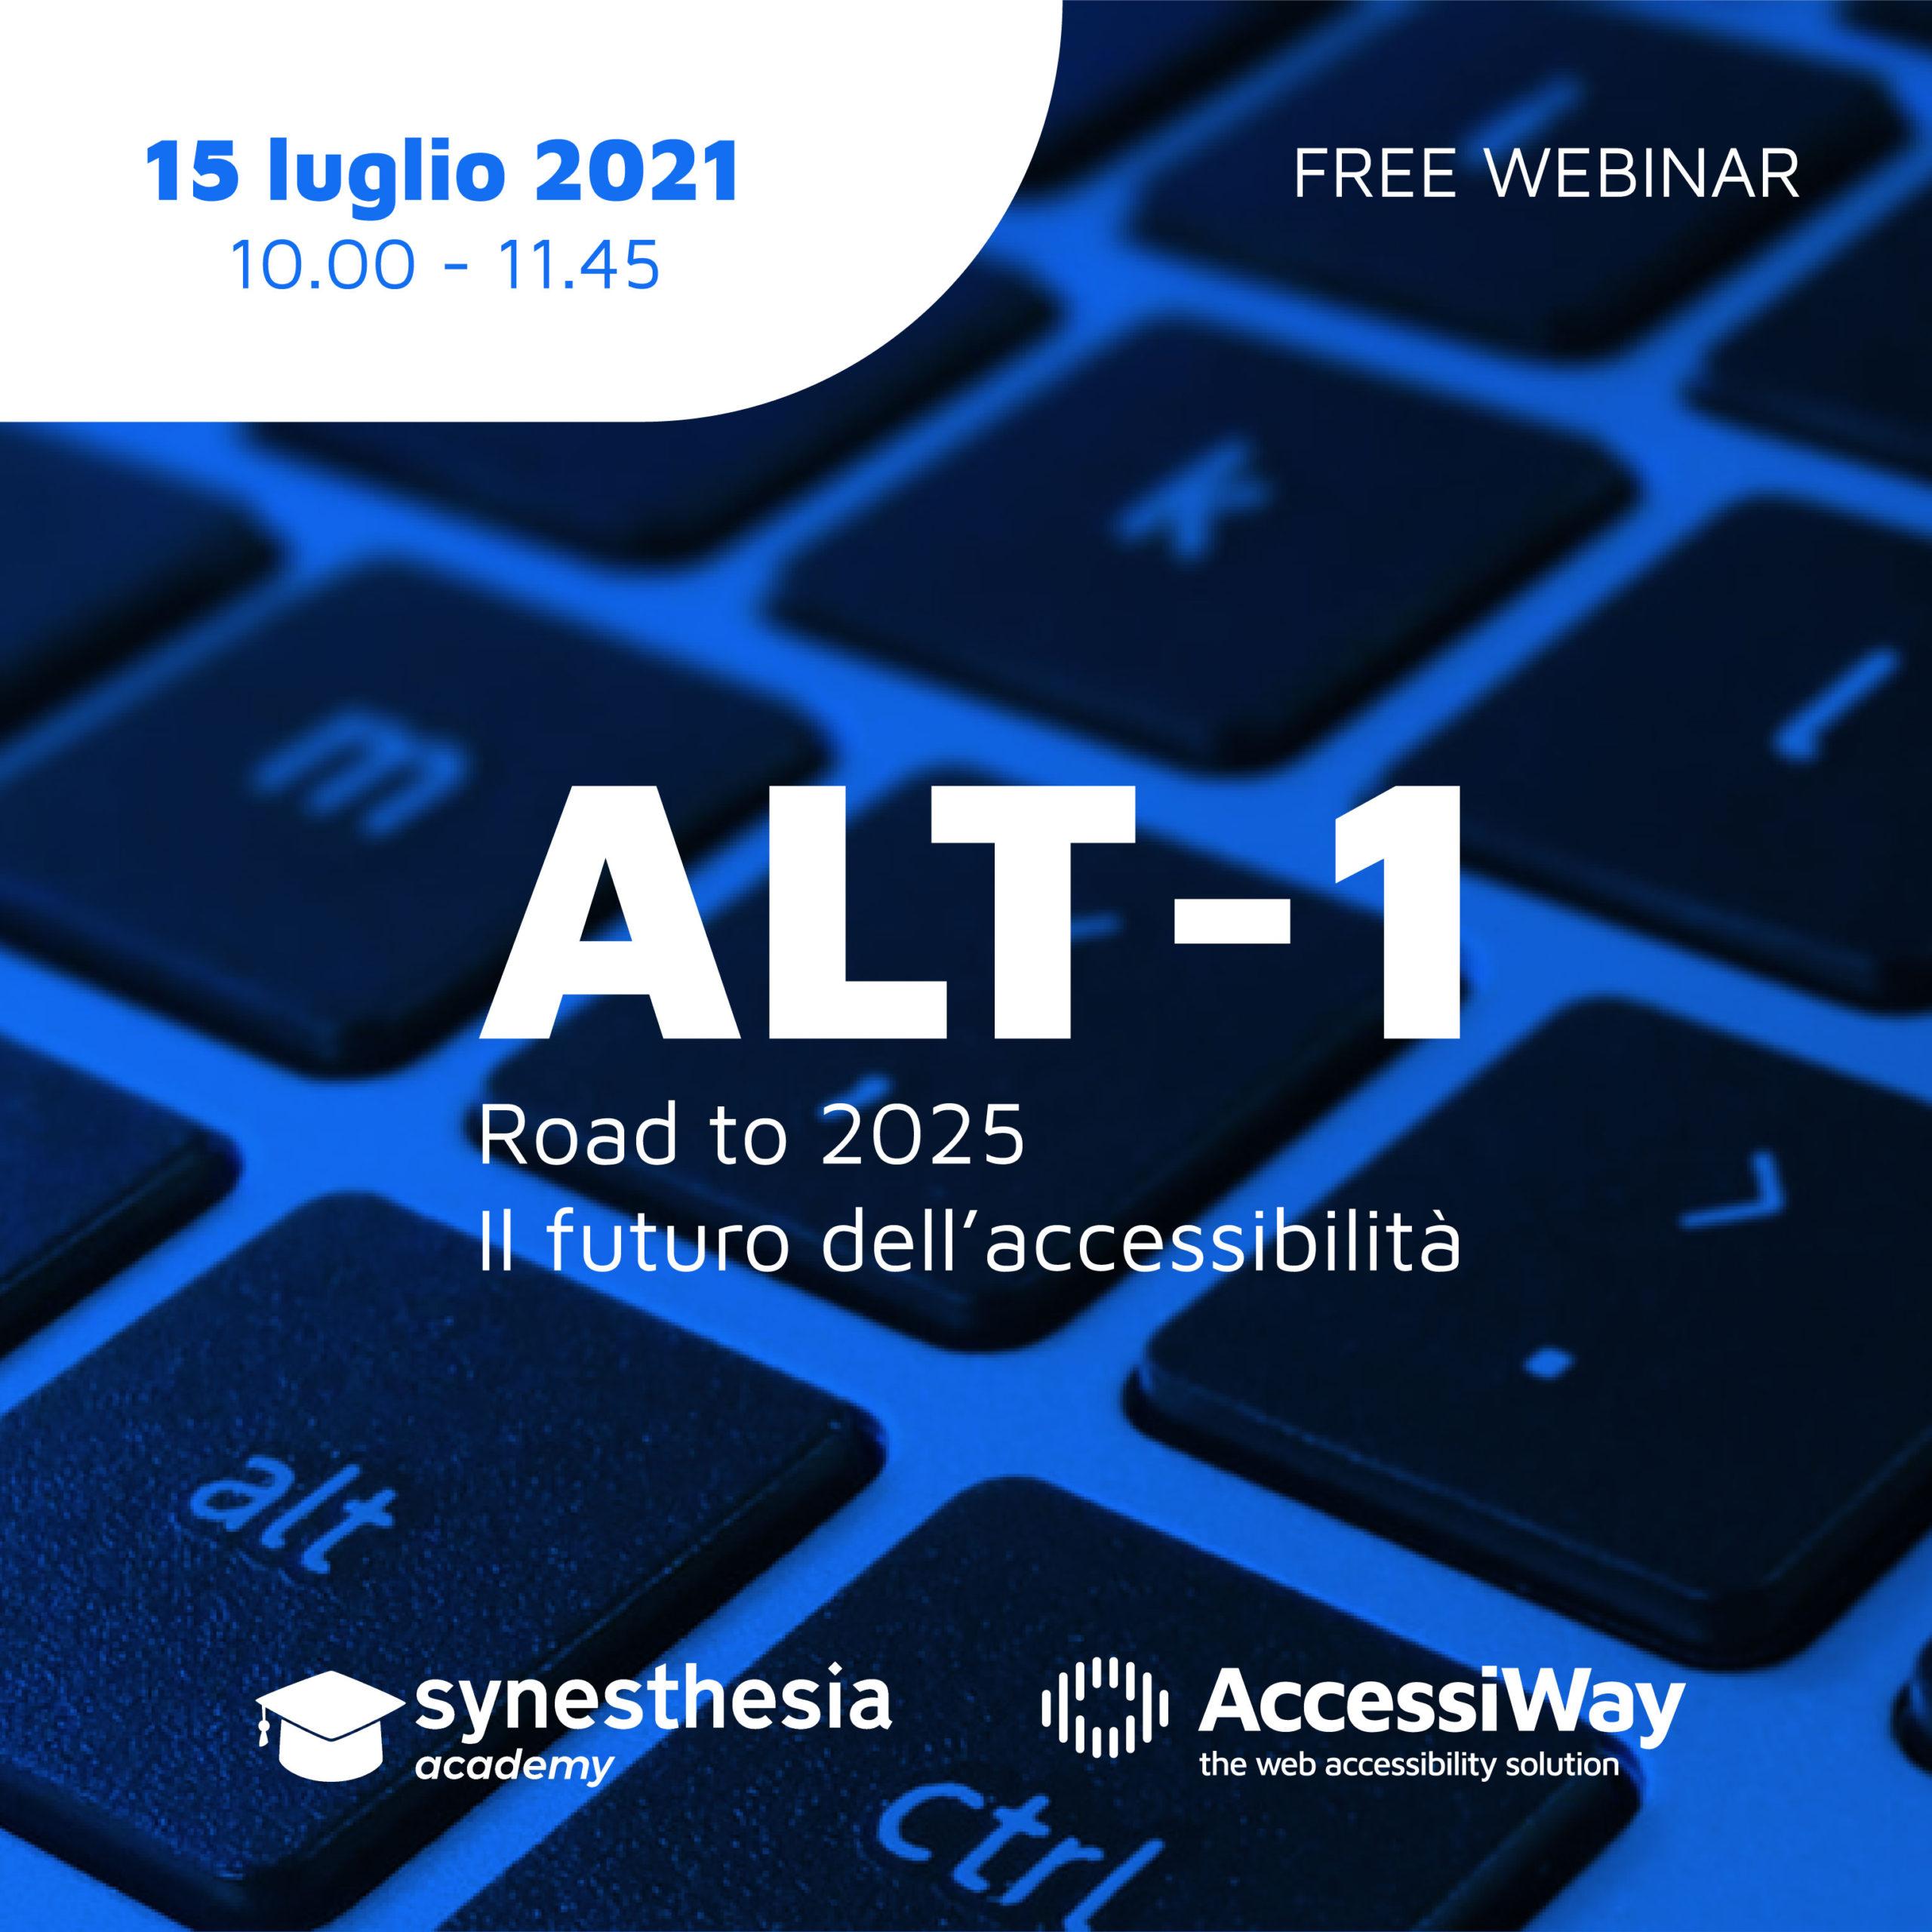 Banner evento Alt-1 Road to 2025 - Il futuro dell'accessibilità, organizzato da Synesthesia e AccessiWay in data 15 luglio 2021 dalle ore 10 alle 11.45